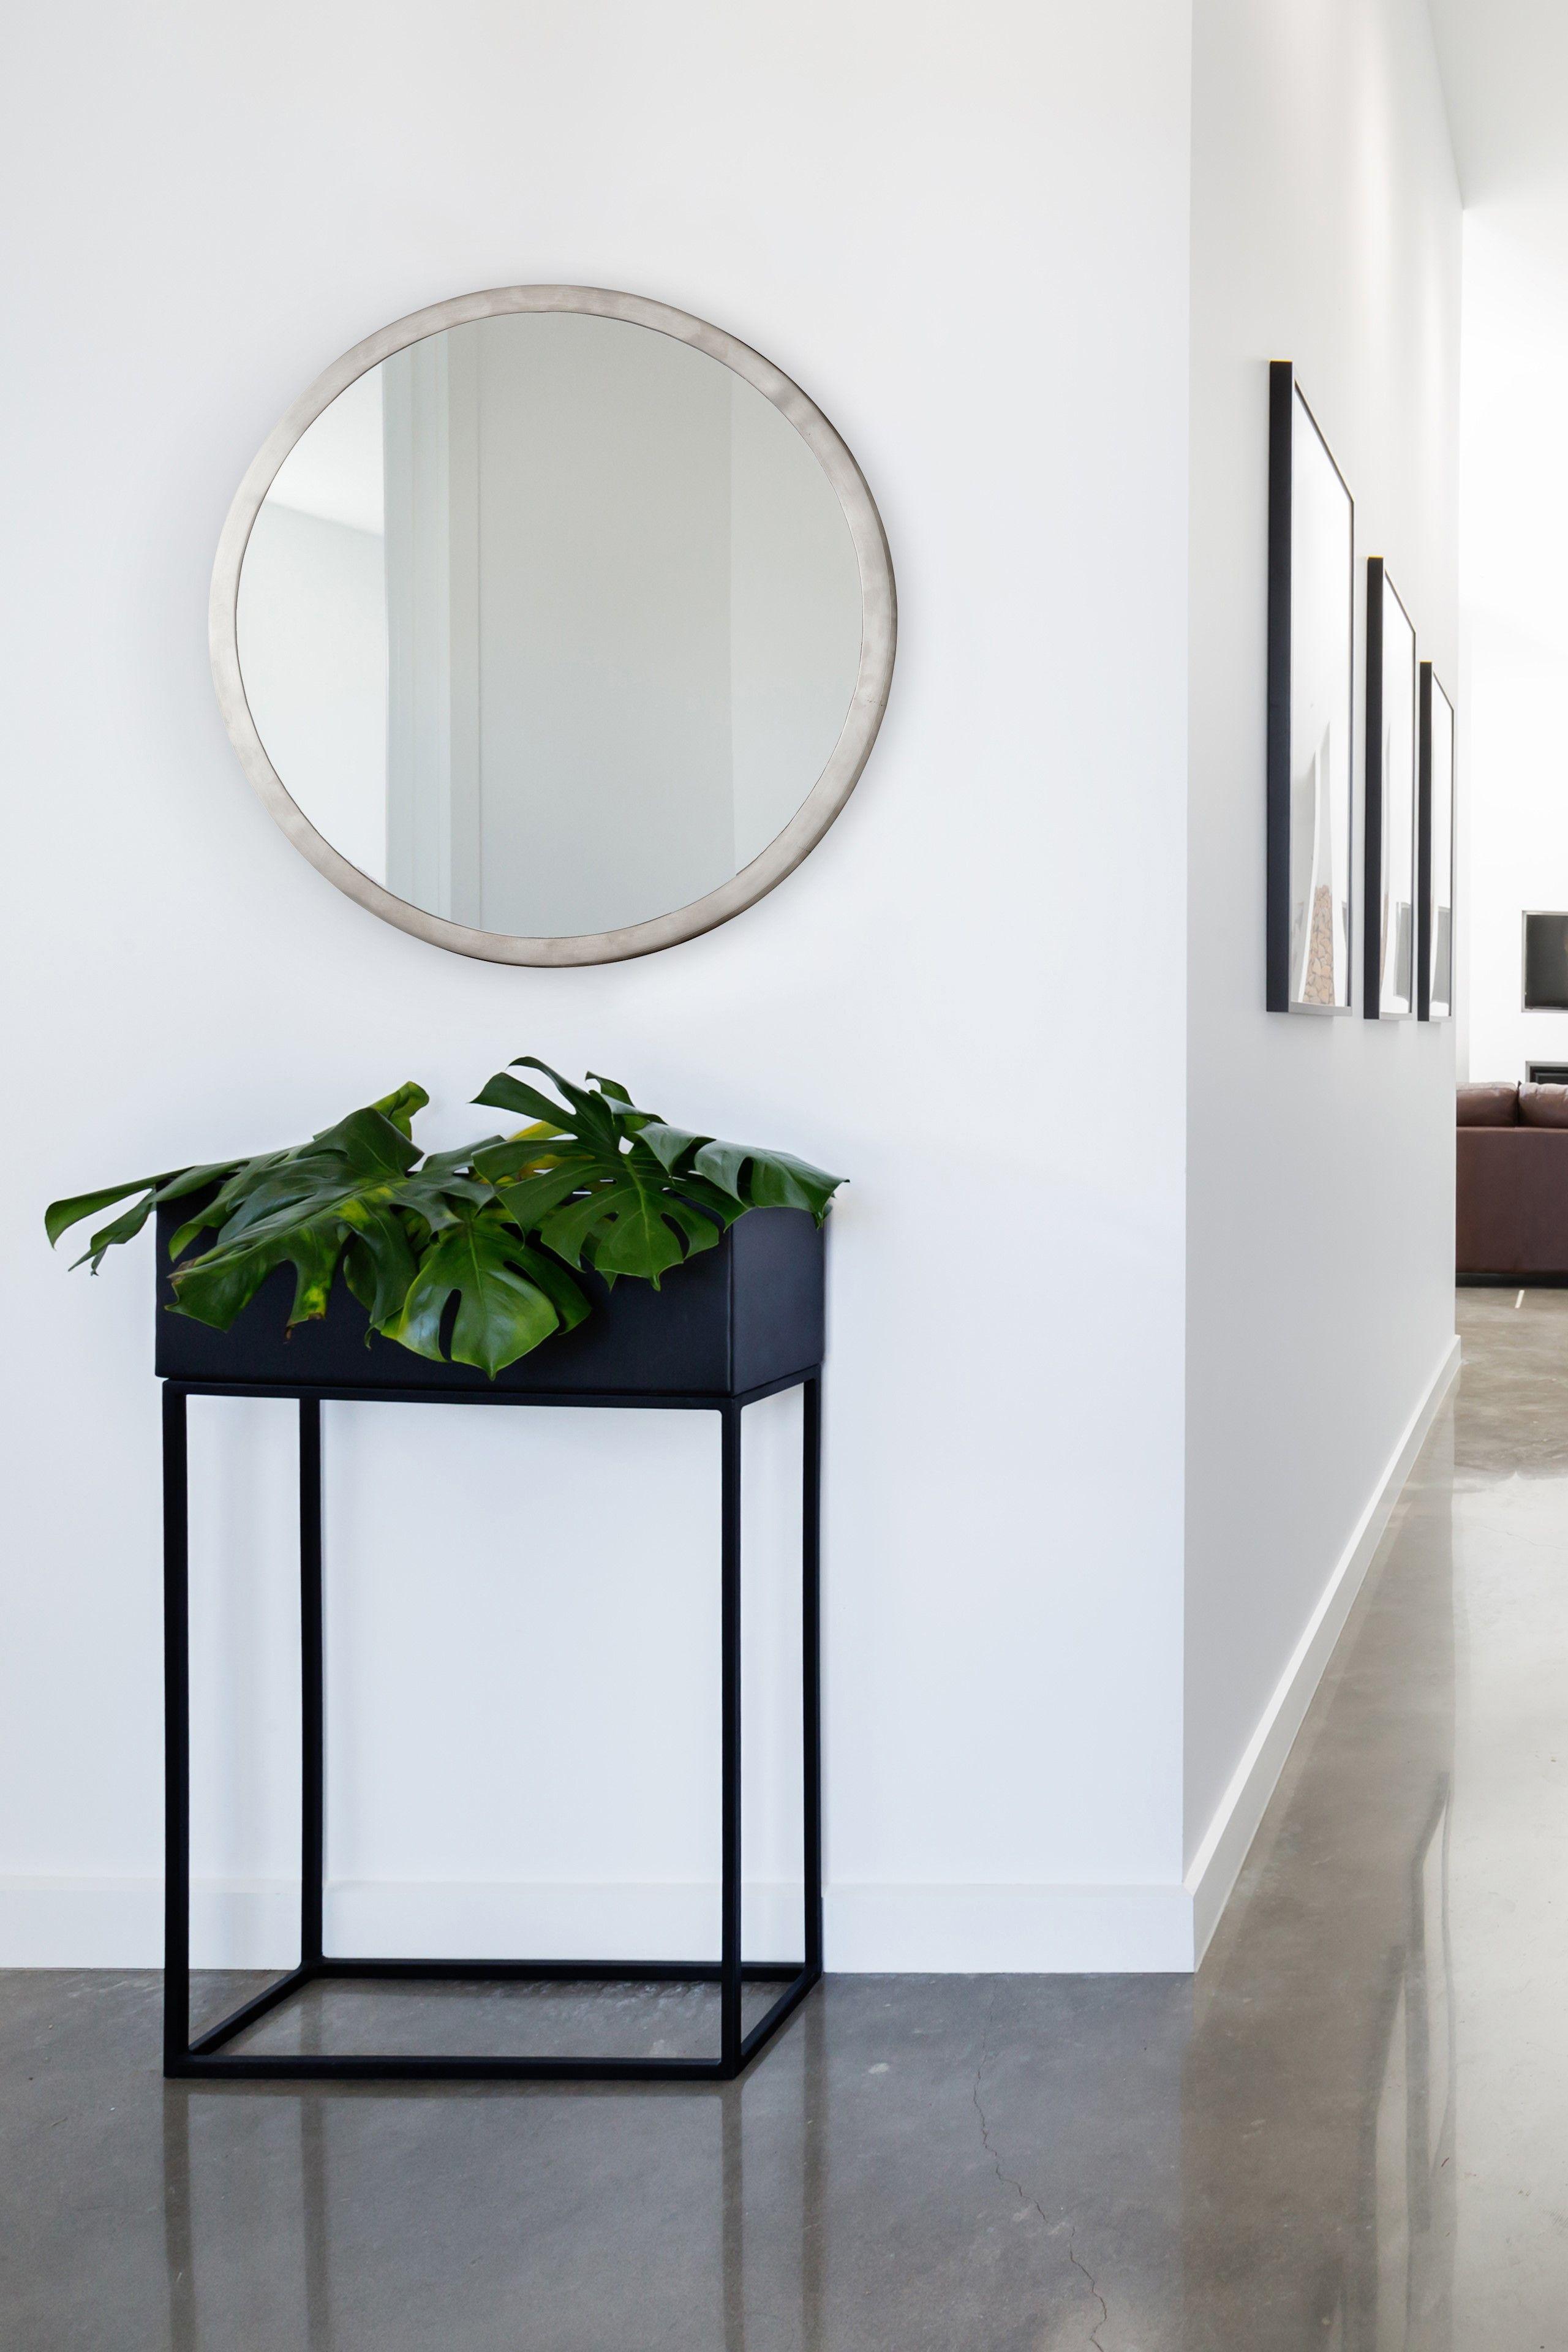 Leyburn Wall Mirror The Leyburn Wall Mirror Is A Stylish Mirror For